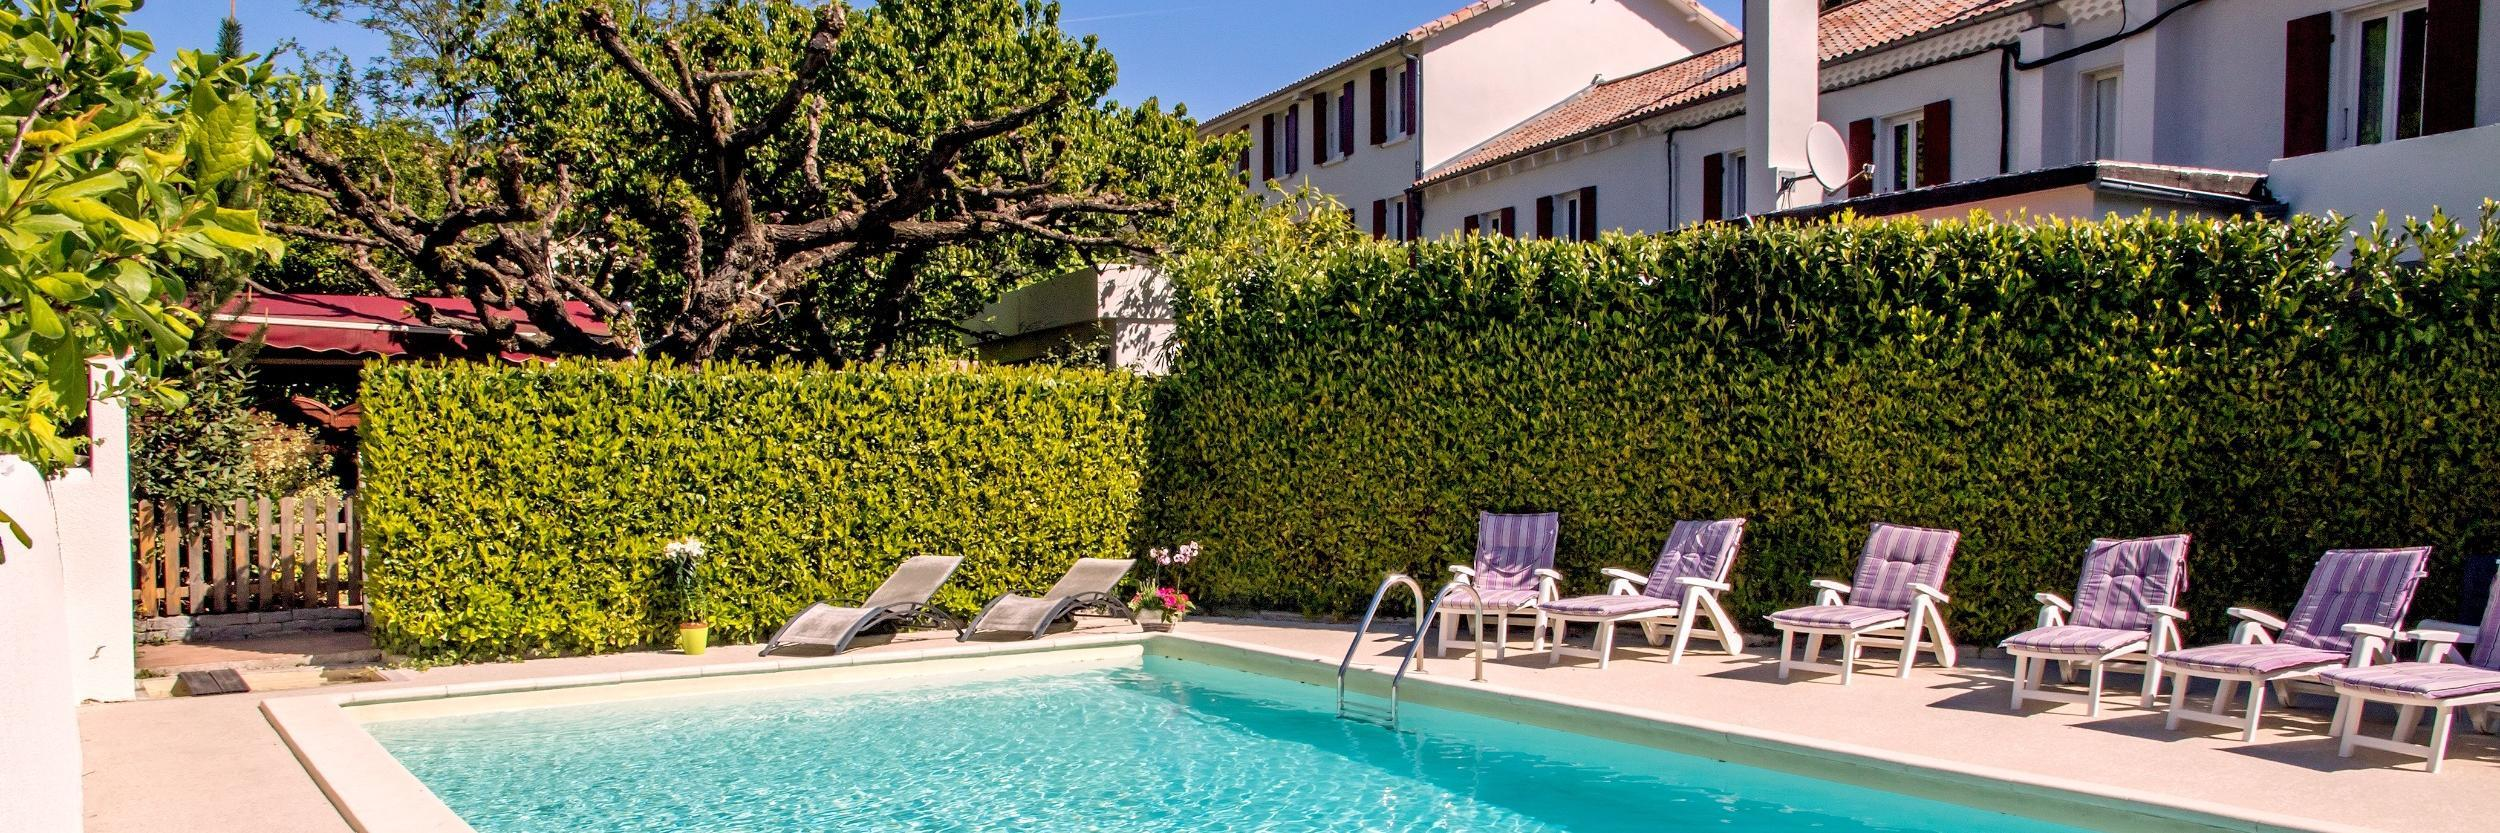 Logis Hôtel les Marronniers en Ardèche